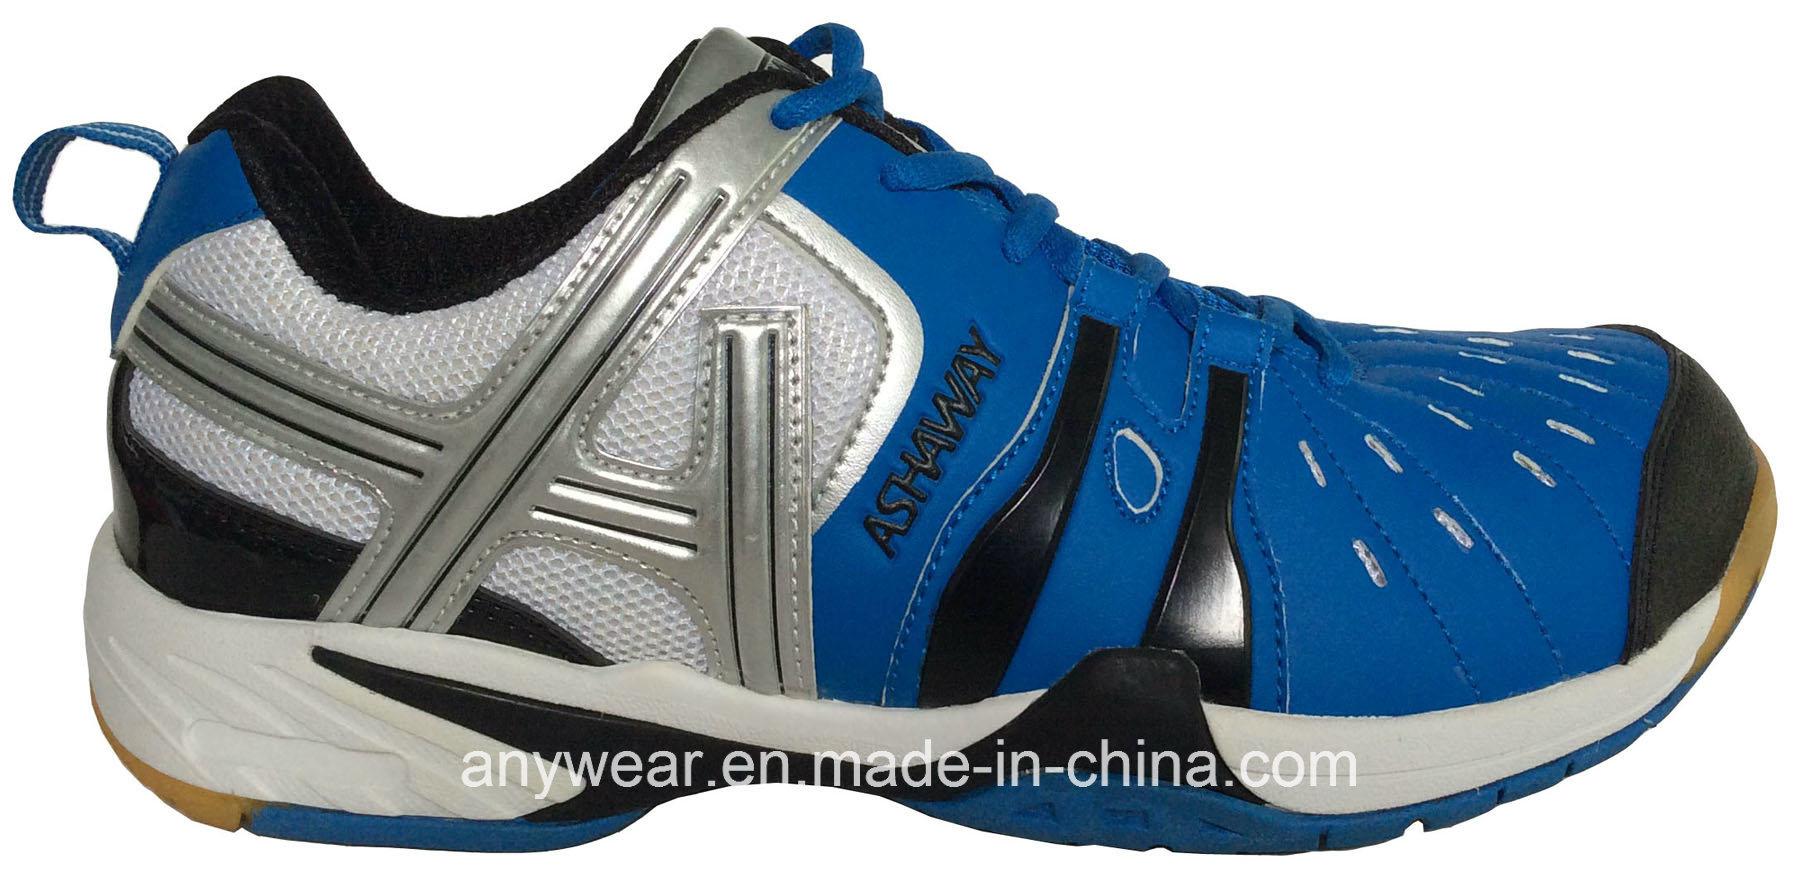 Mens Sports Shoes Badminton Shoes (815-9123)